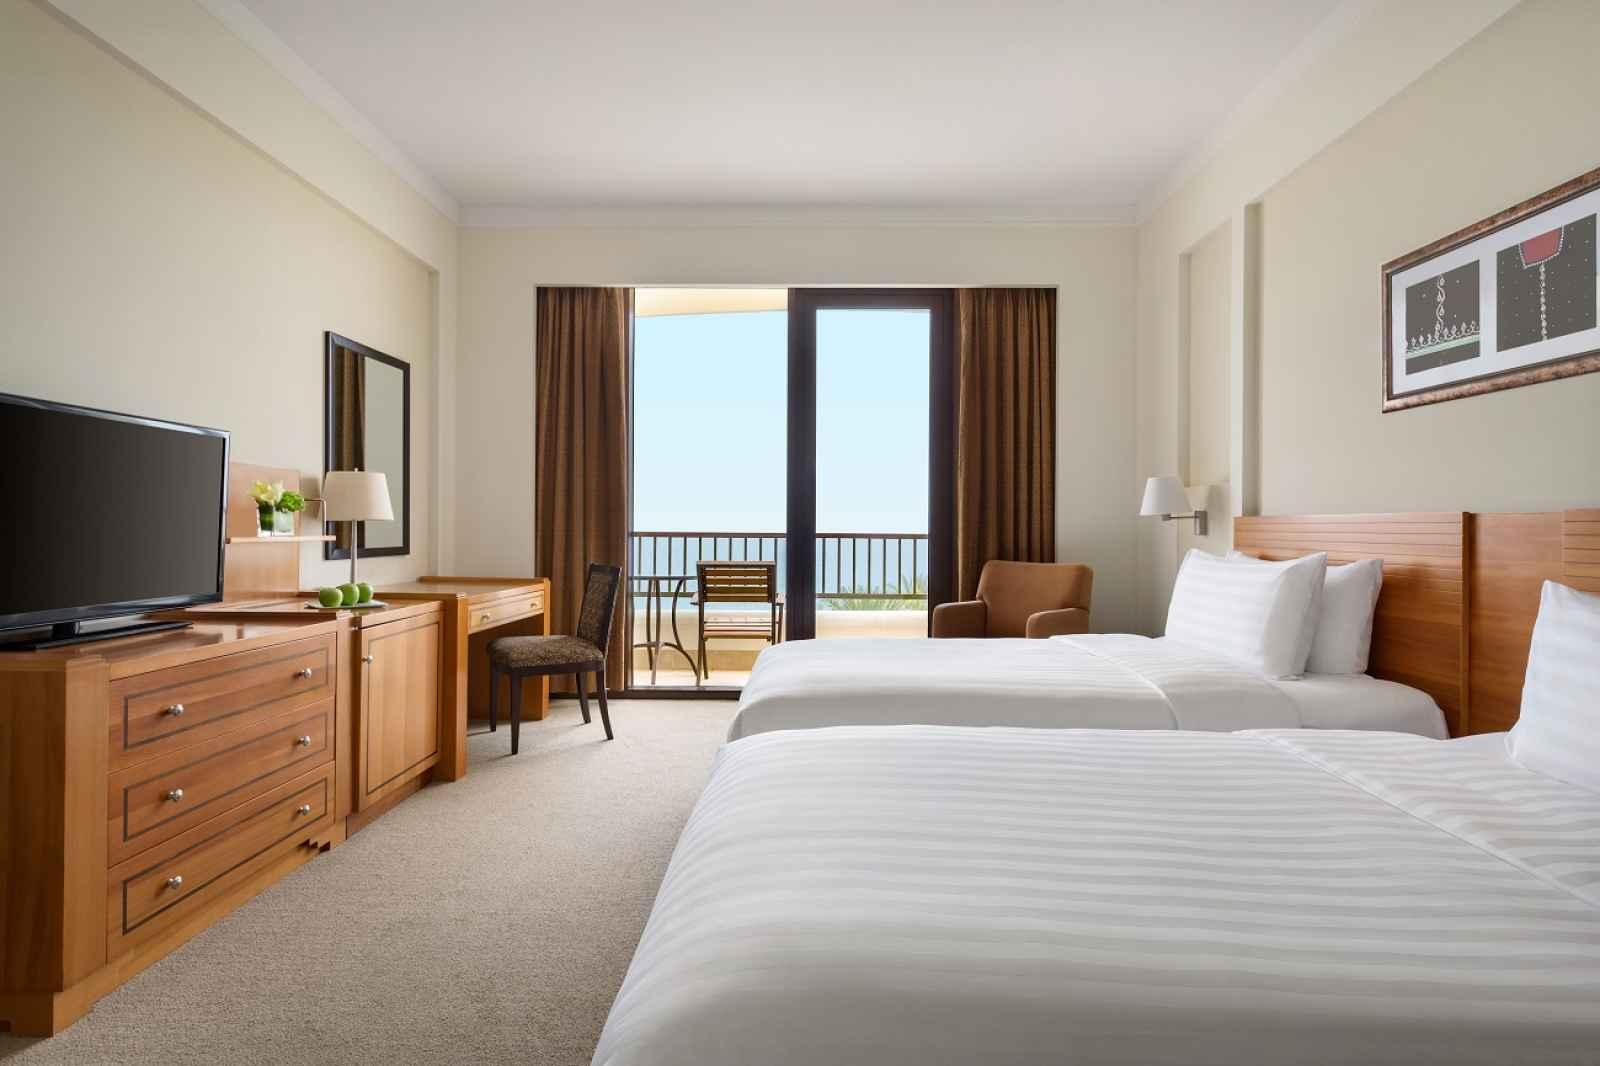 Oman - Hôtel Al Waha at Shangri-La's Barr Al Jissah Resort & Spa 5*